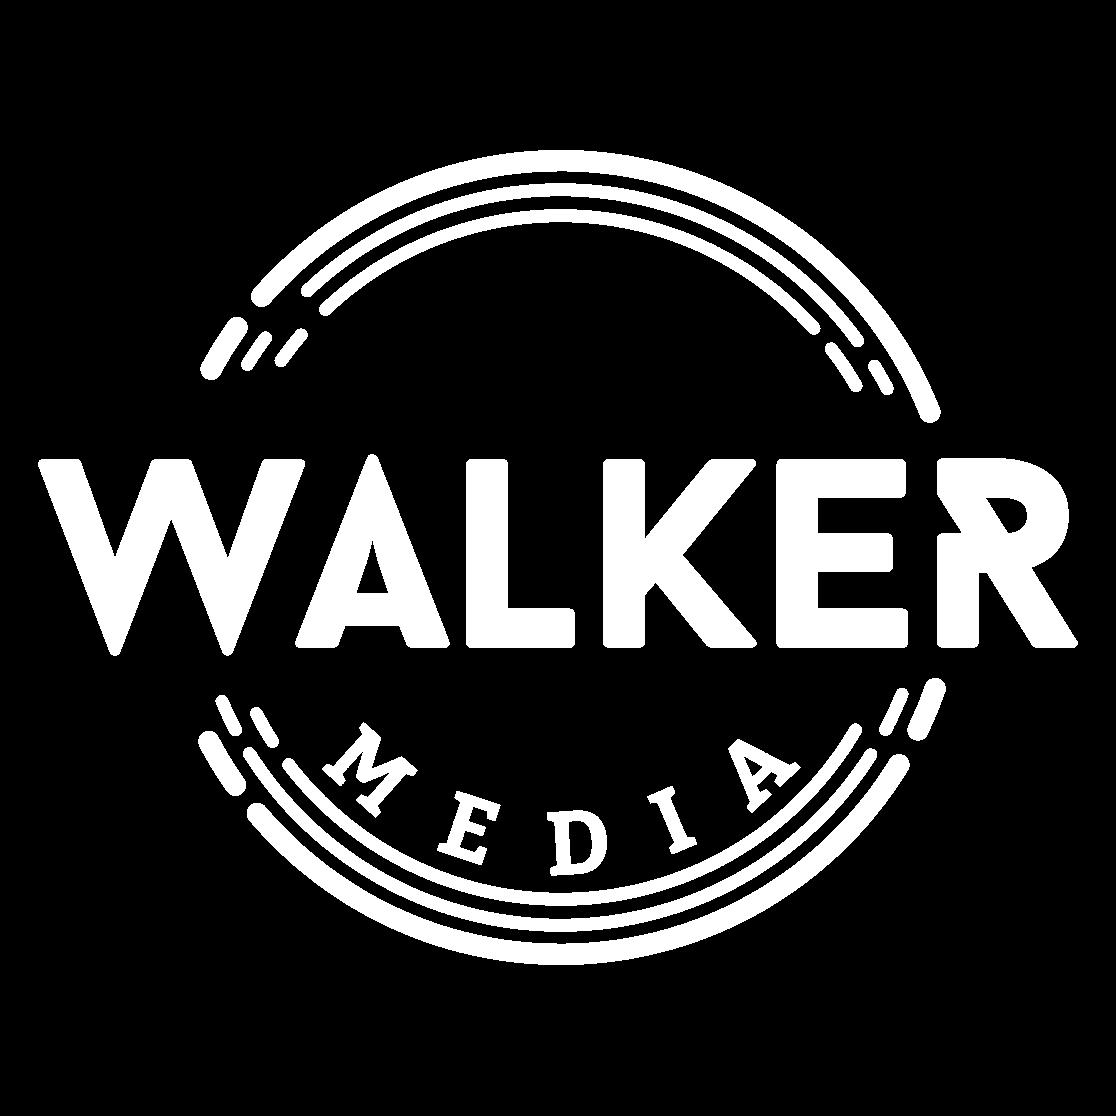 Walker Media